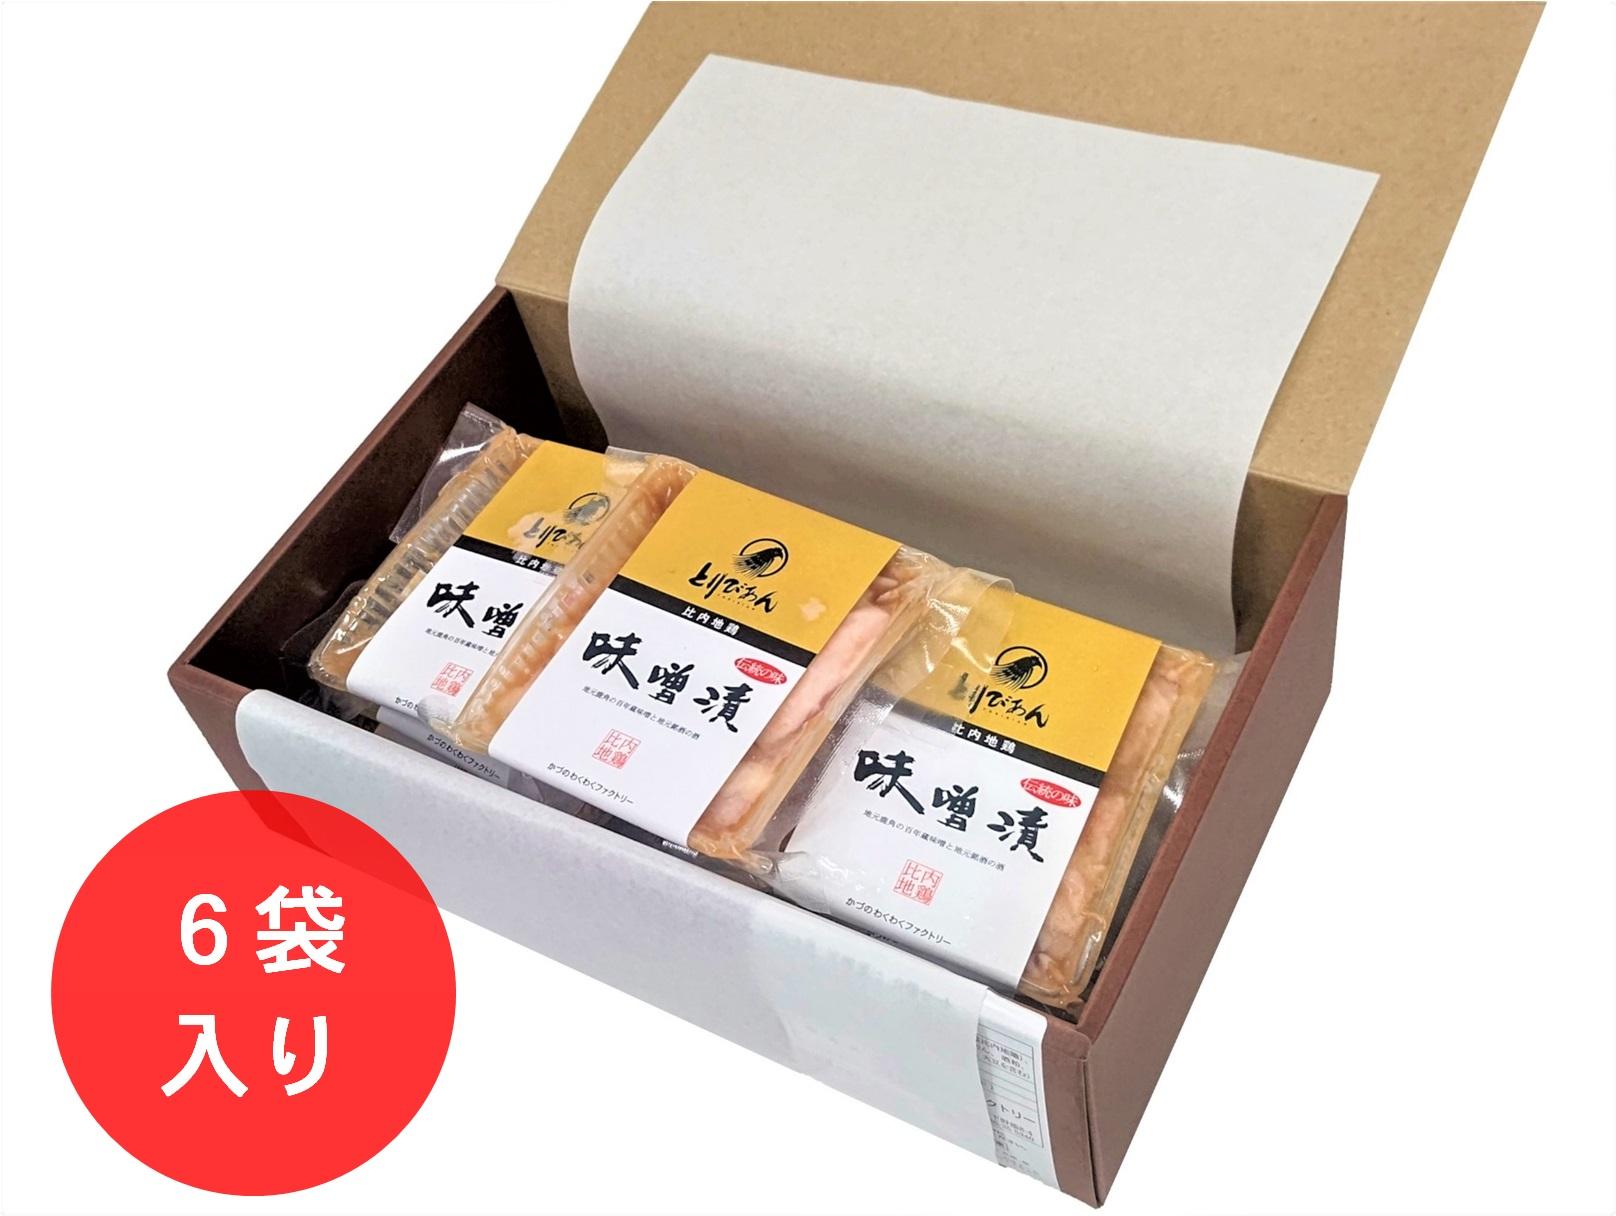 味噌漬けセット(6P)ロゴ入り